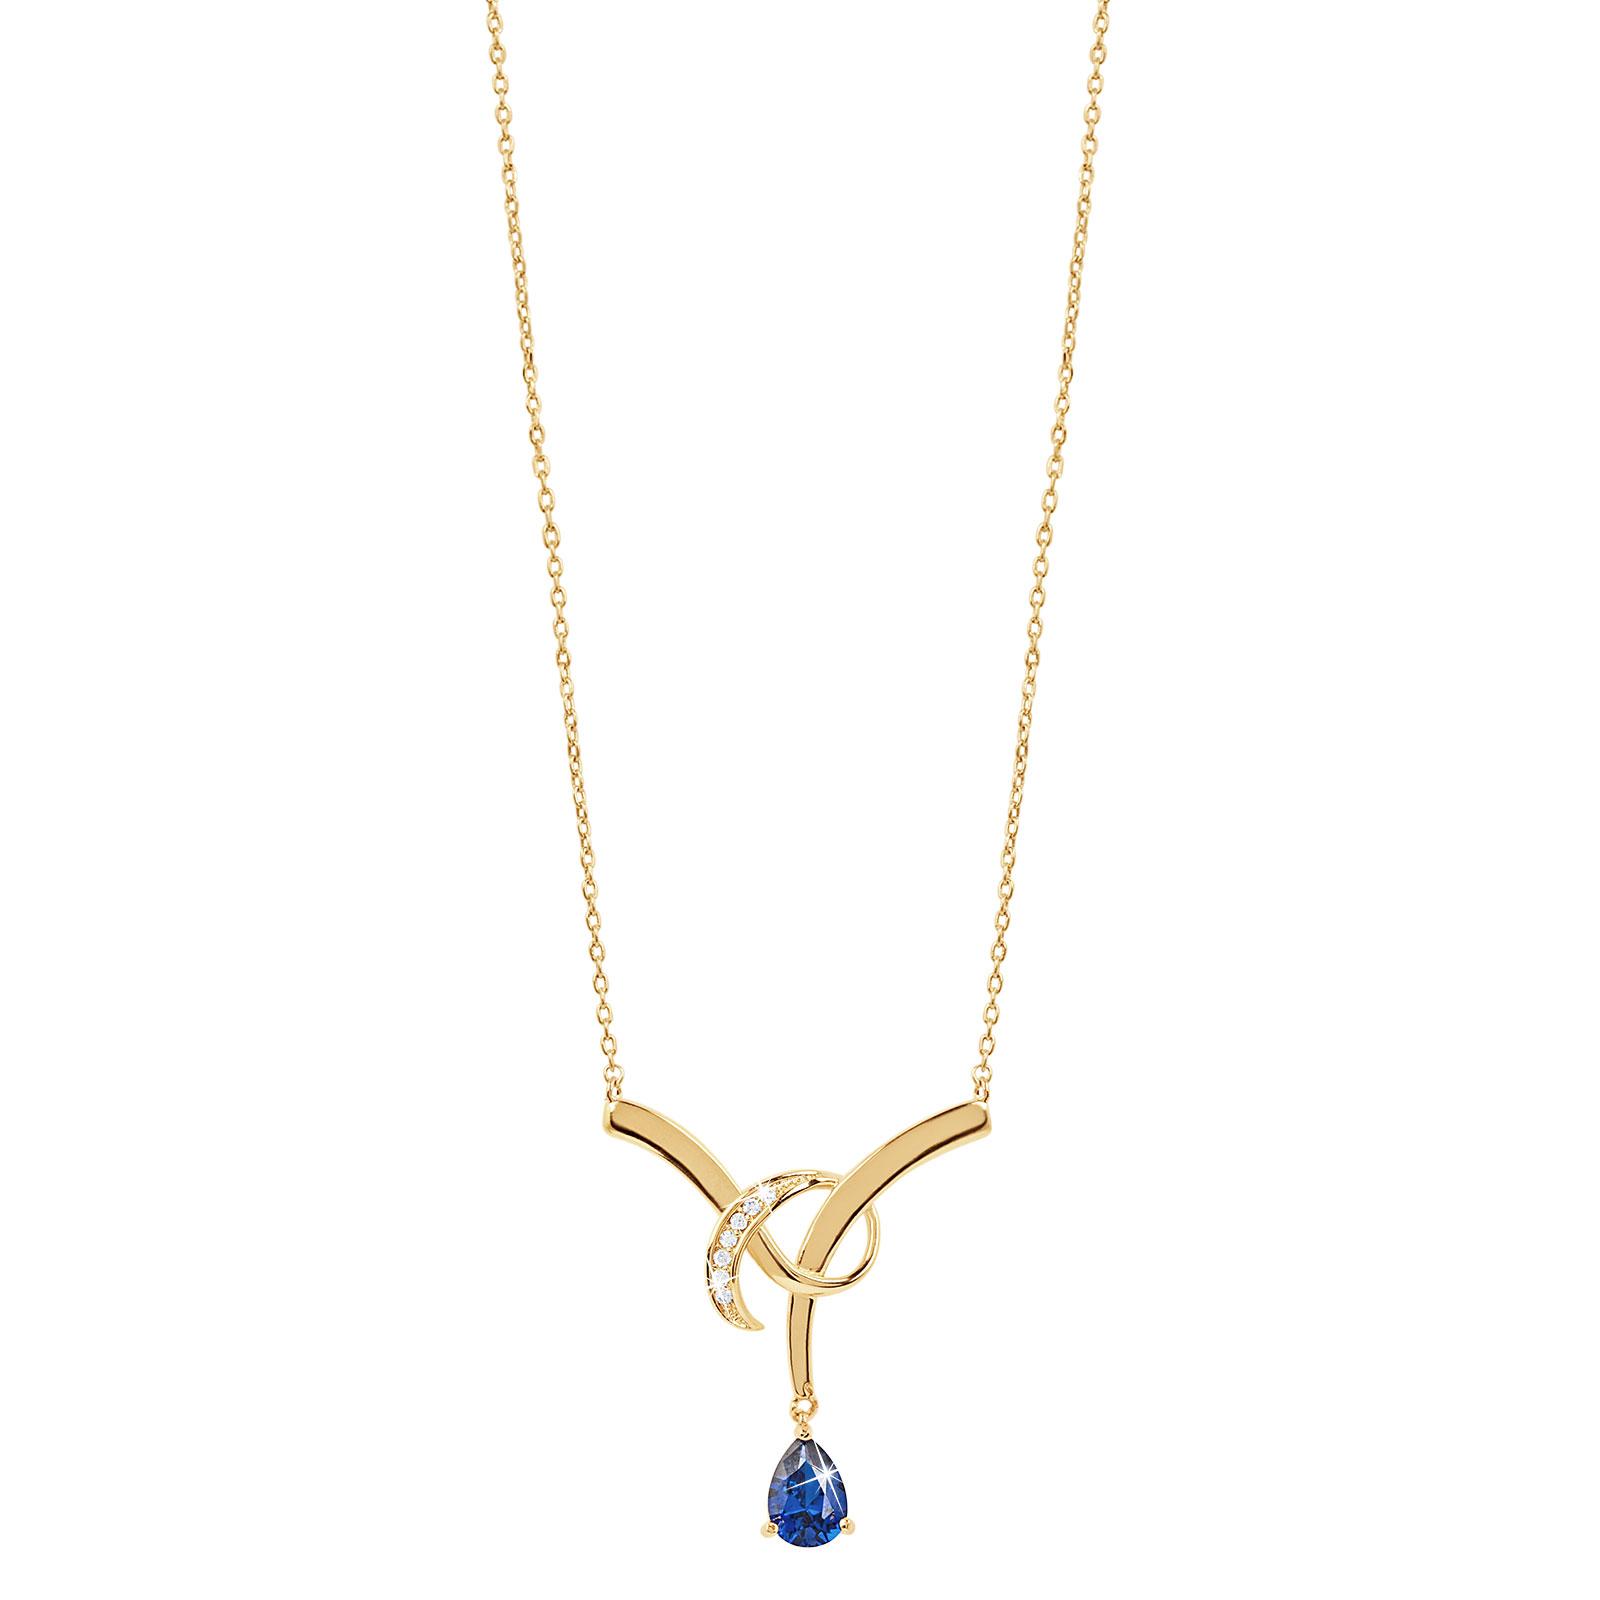 18K Guldpläterat Halsband med blå droppe Kubisk Zirkonia